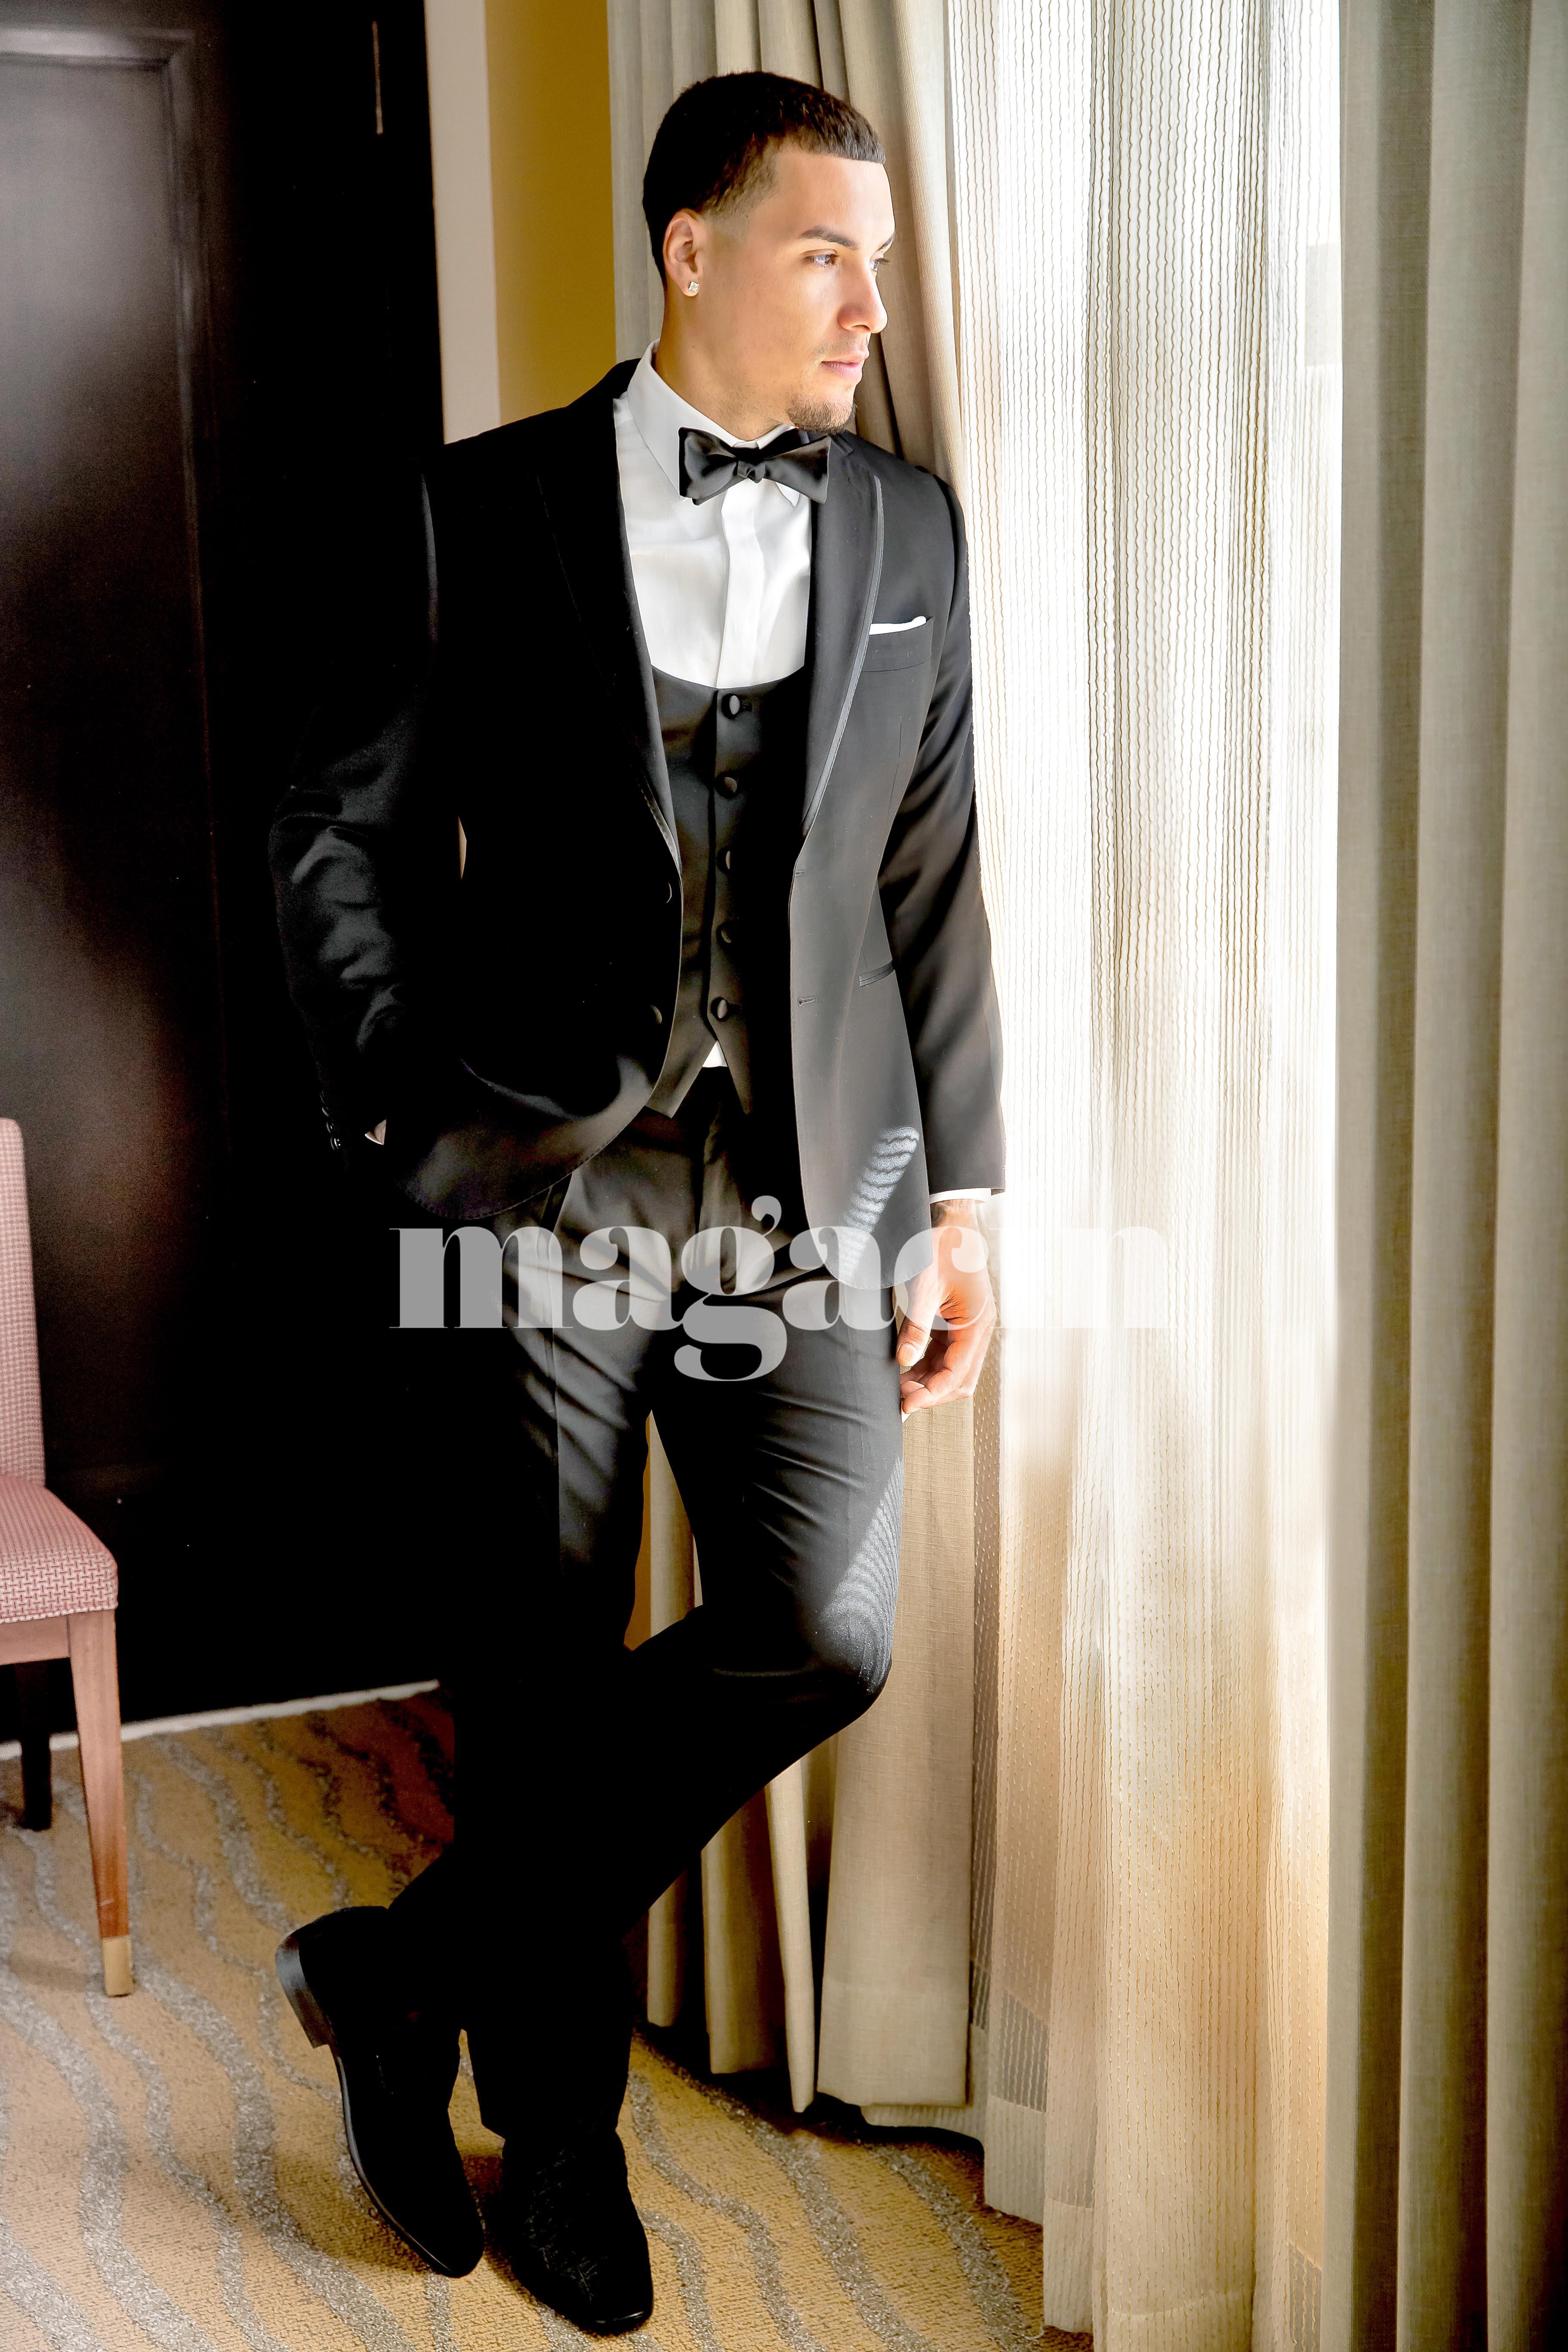 El novio lució un traje hecho a la medida por Leonardo Cordero Suria, y el saco contó con detalles alusivos al apodo que se ha ganado por sus impresionantes jugadas: El Mago. (Suministrada/ Claudette Montero)